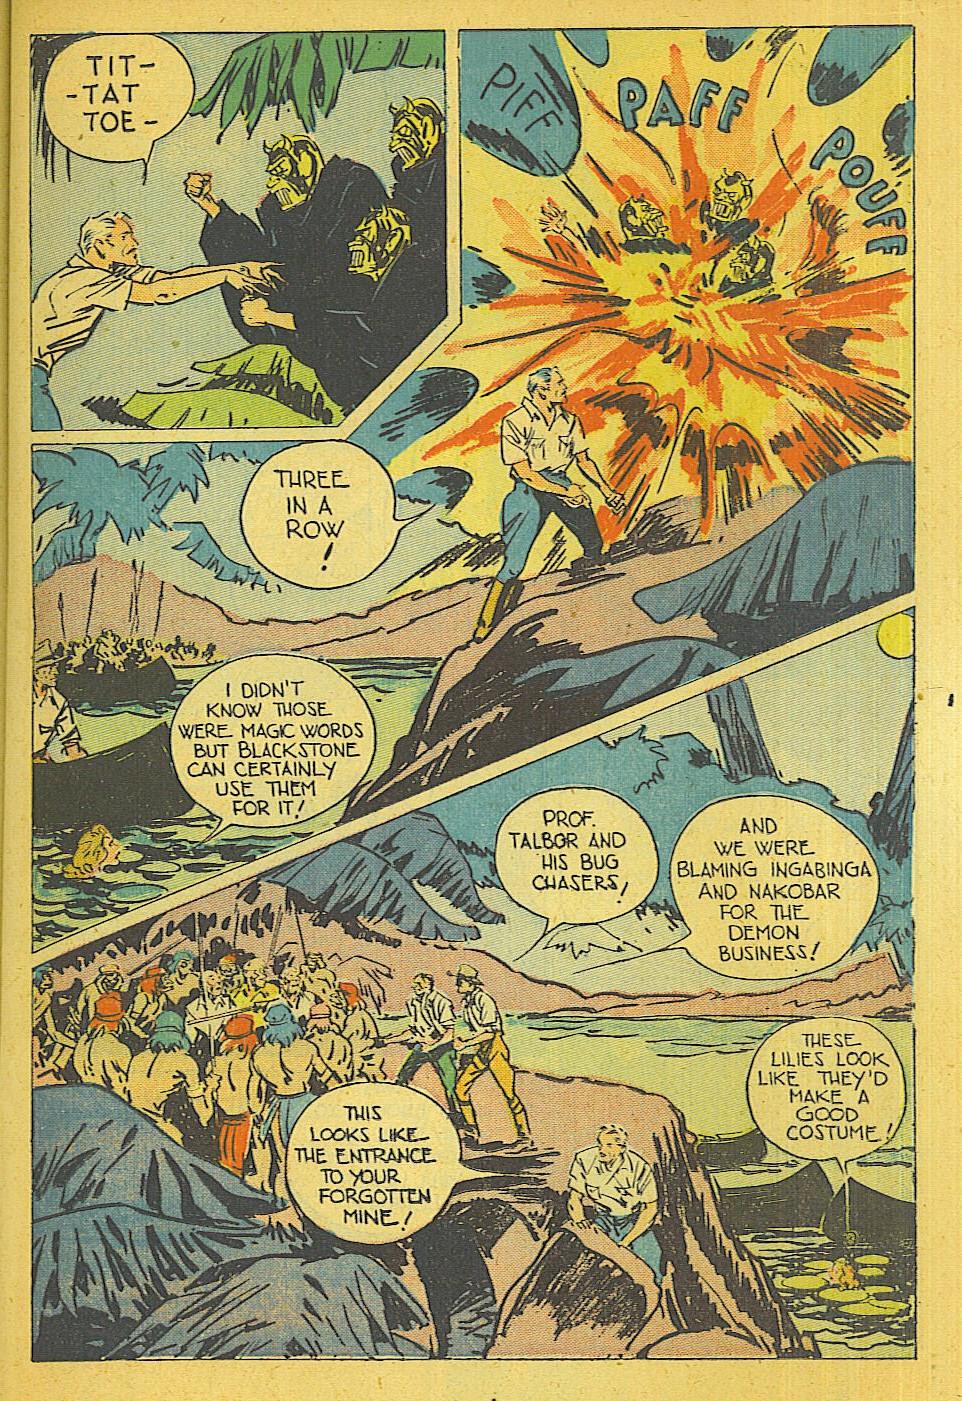 Read online Super-Magician Comics comic -  Issue #39 - 14